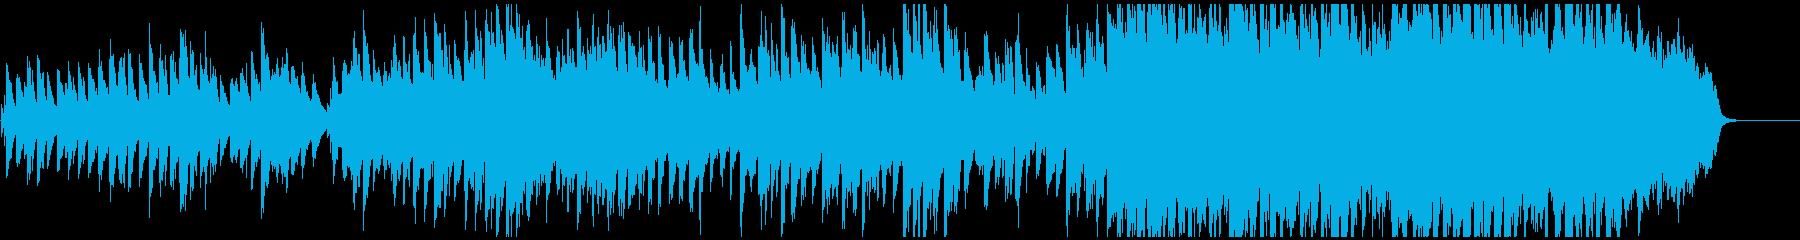 ピアノとストリングスの切ない曲の再生済みの波形